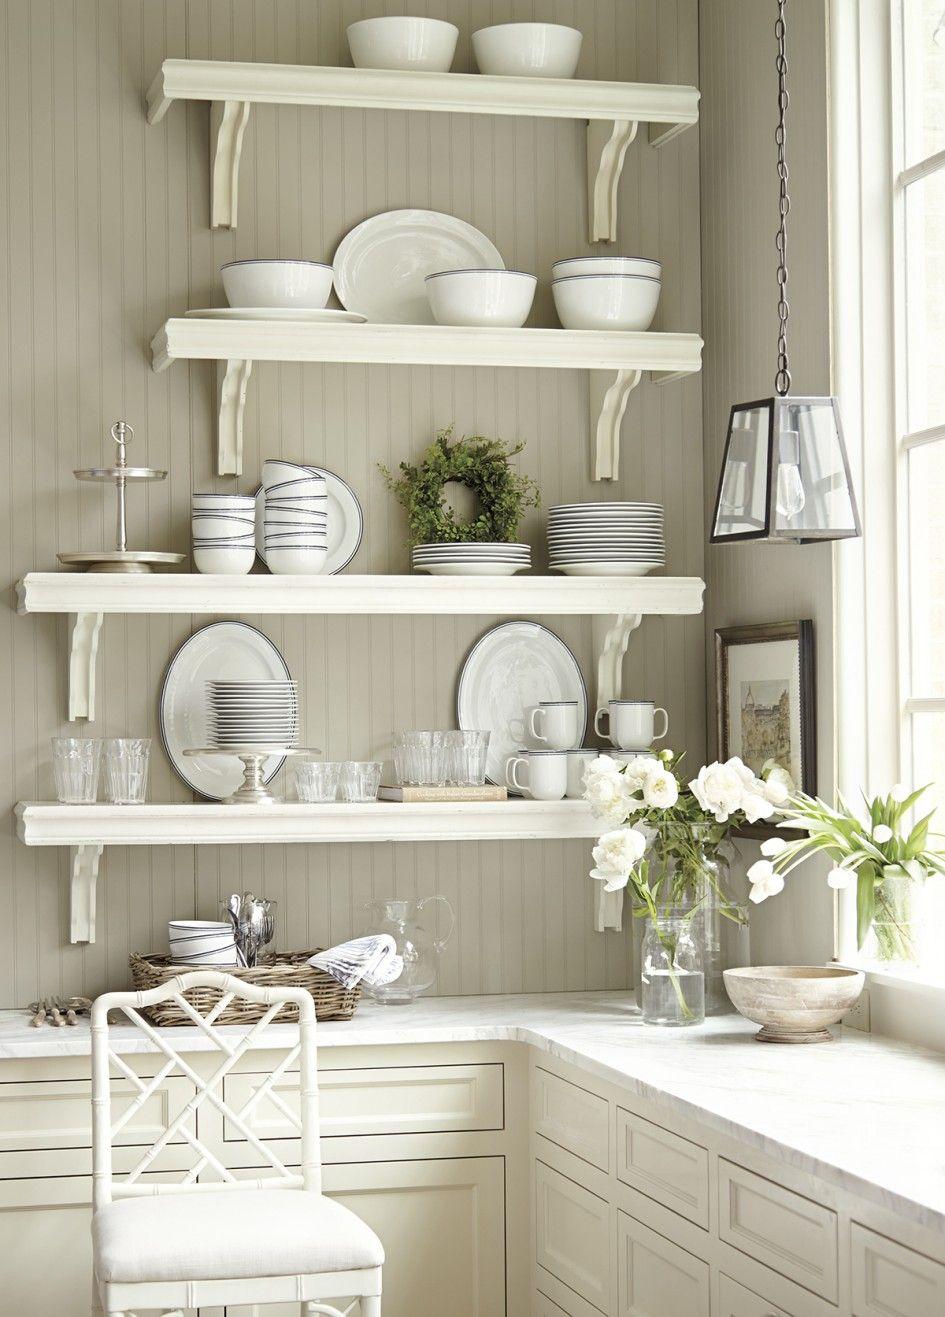 Küche und bad design gute küche regal design badezimmer die küche ist eine der